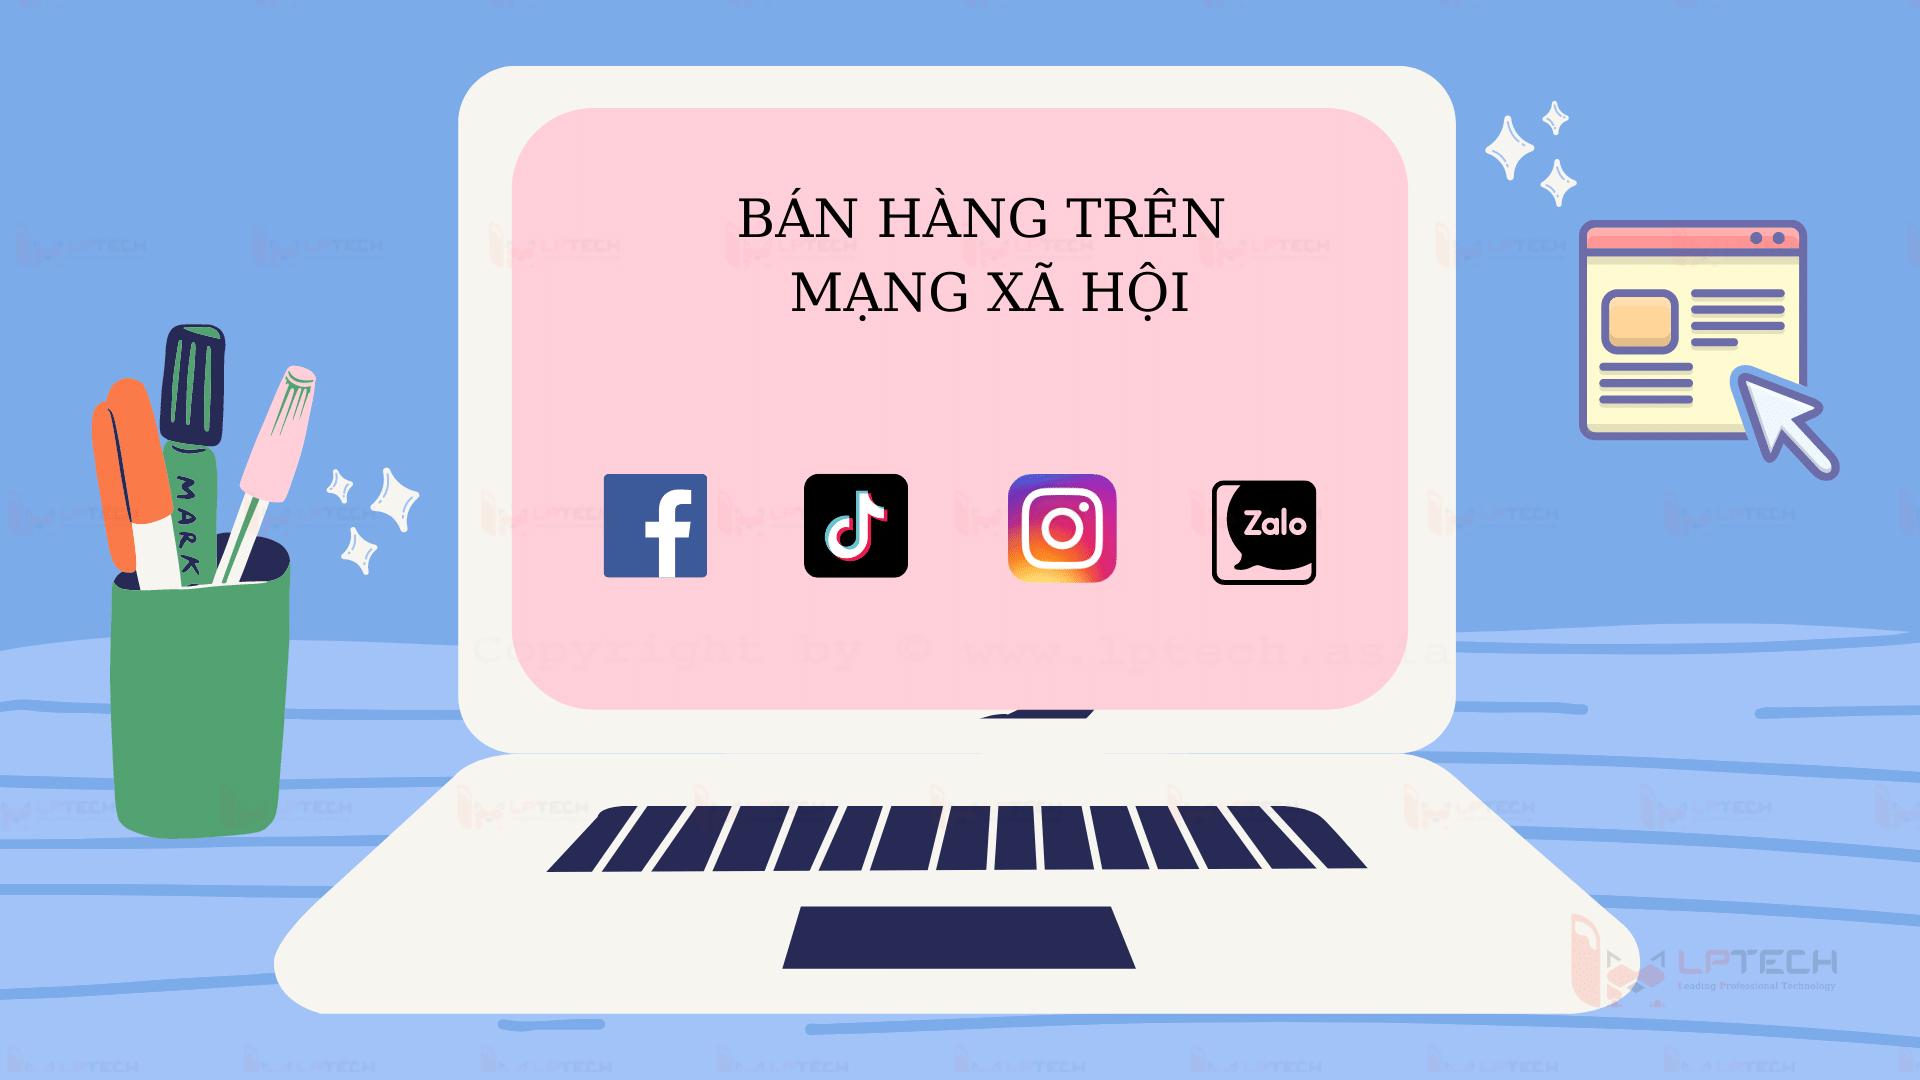 Bán hàng online trên mạng xã hội